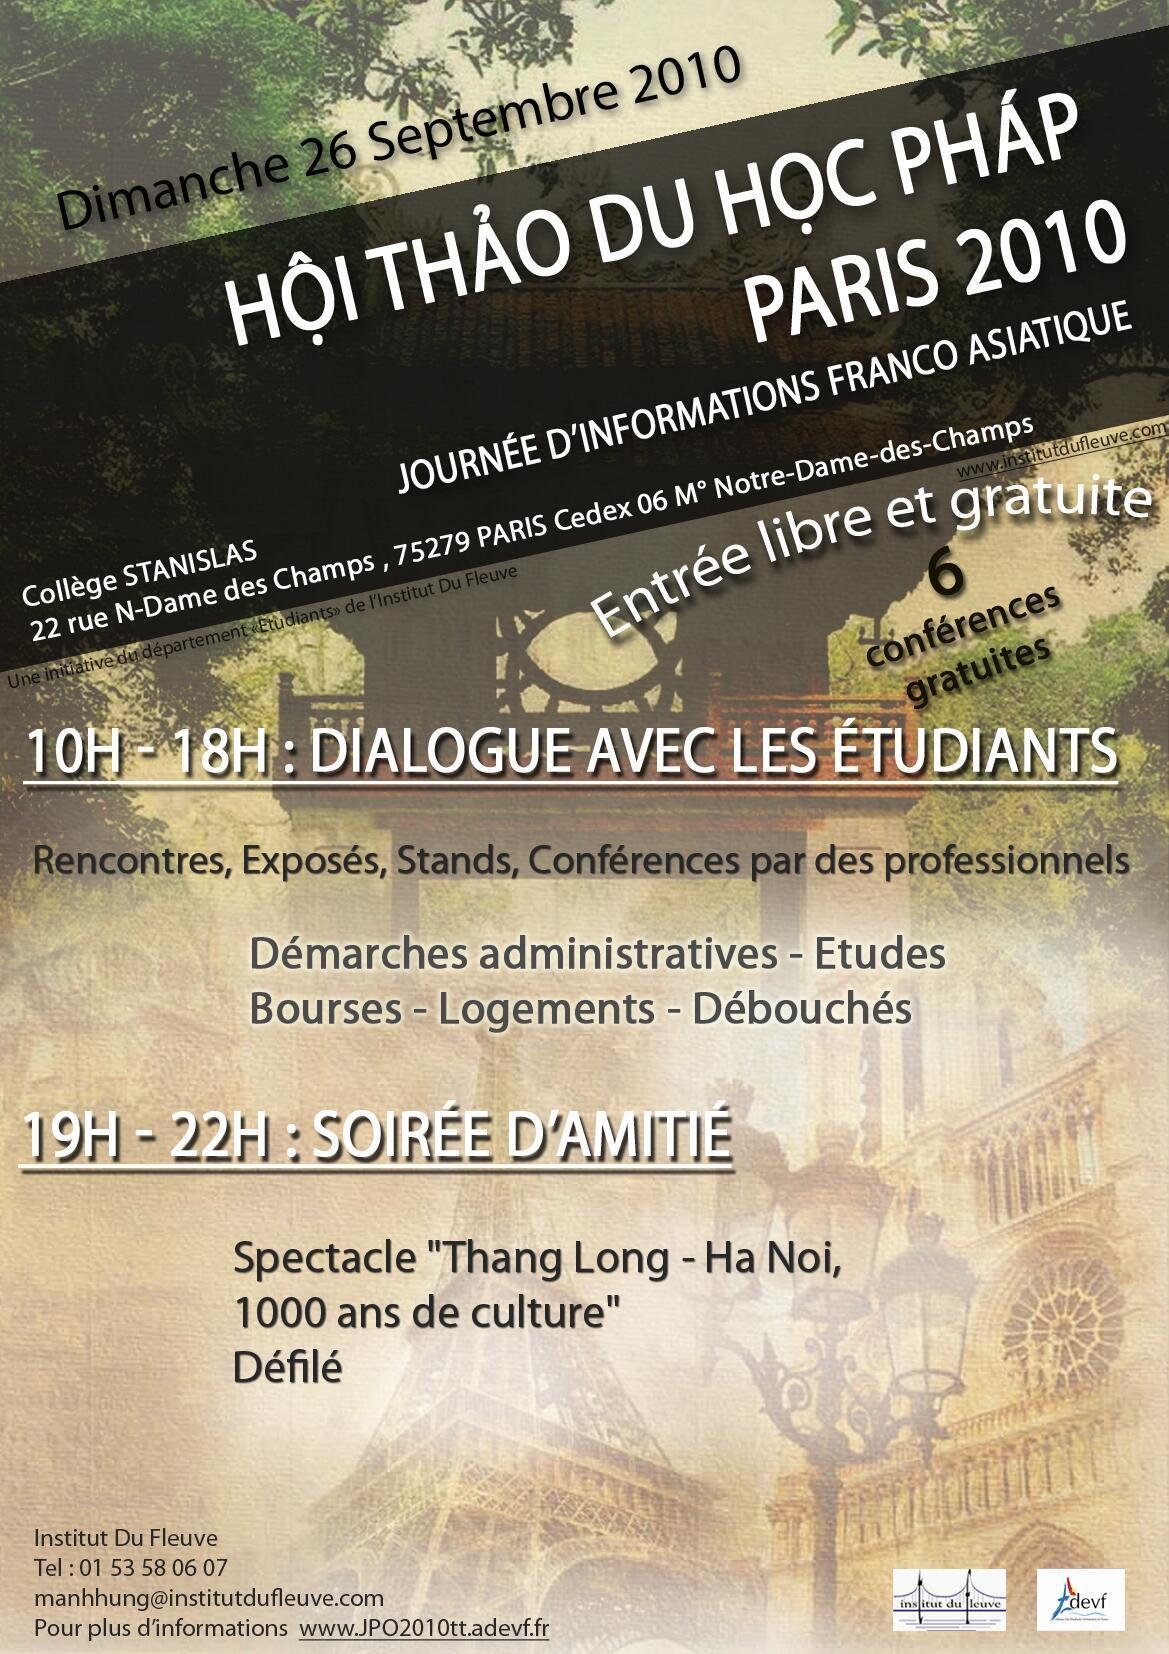 Hội thảo du học Pháp ngày 26/09/2010 tại Paris